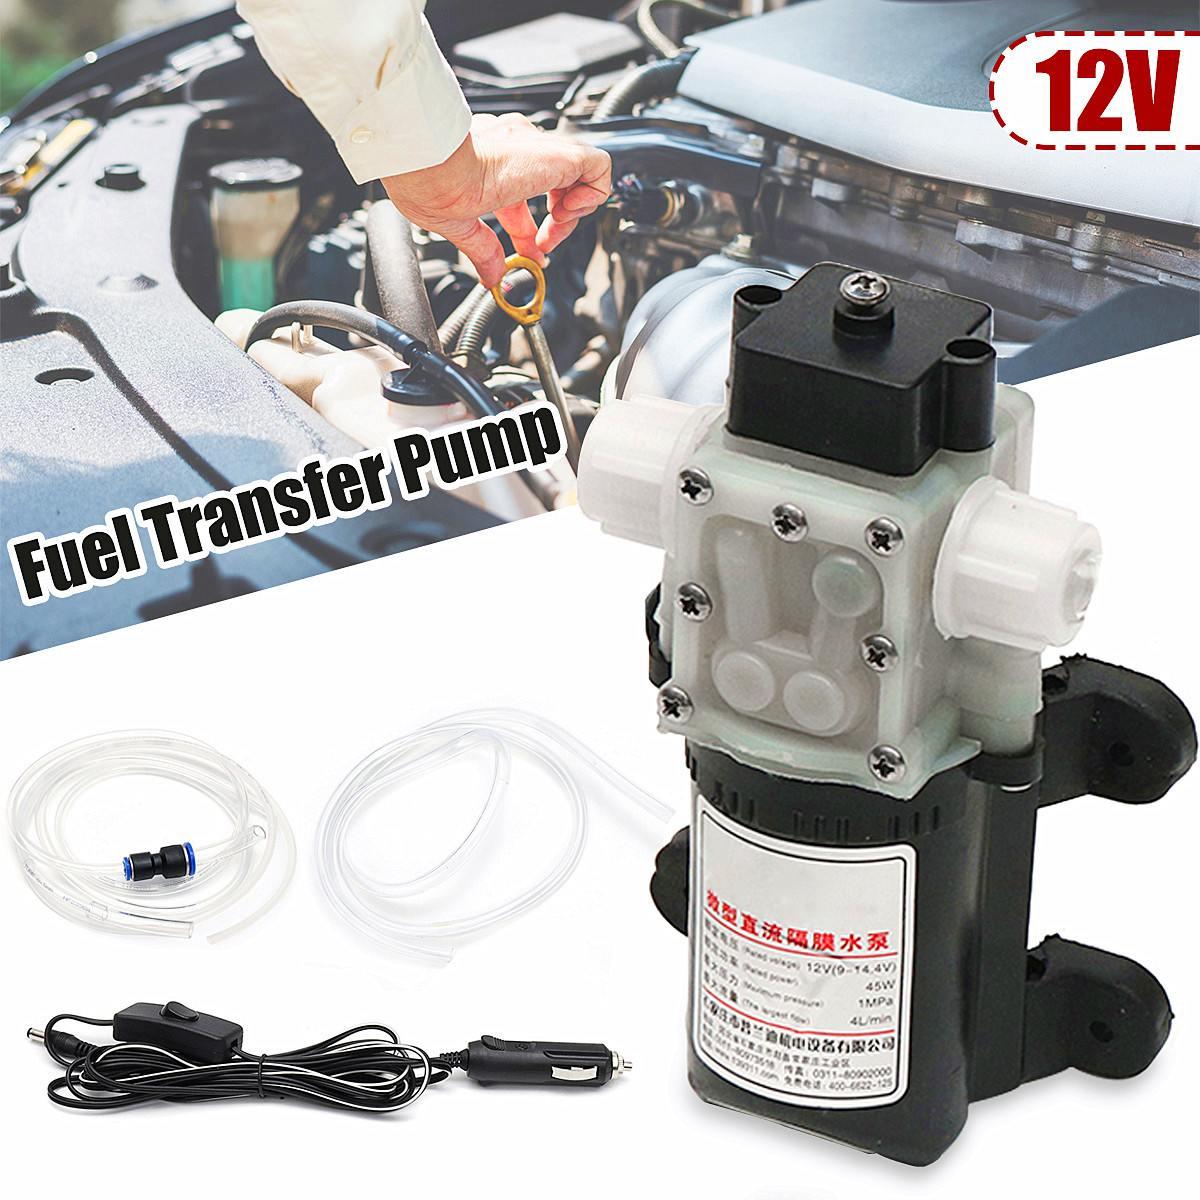 Pompe Submersible électrique de voiture de pompe Submersible de transfert d'huile de carburant de 12 V Diesels avec la pompe de transfert de moteur d'huile de commutateur marche/arrêt